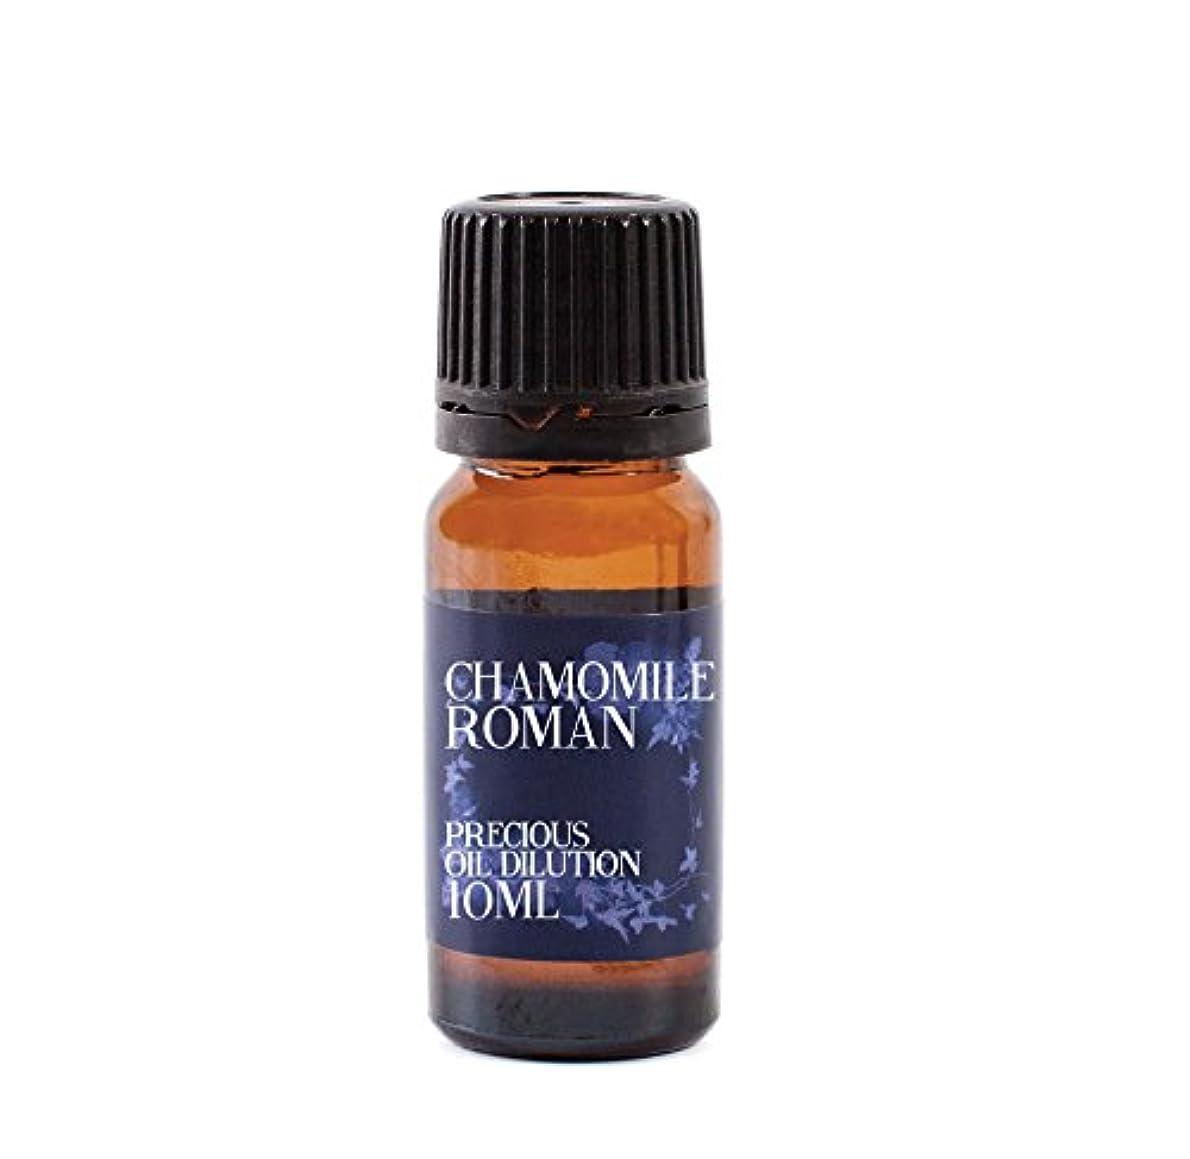 勃起担当者塩Mystic Moments   Chamomile Roman Essential Oil Dilution - 10ml - 3% Jojoba Blend